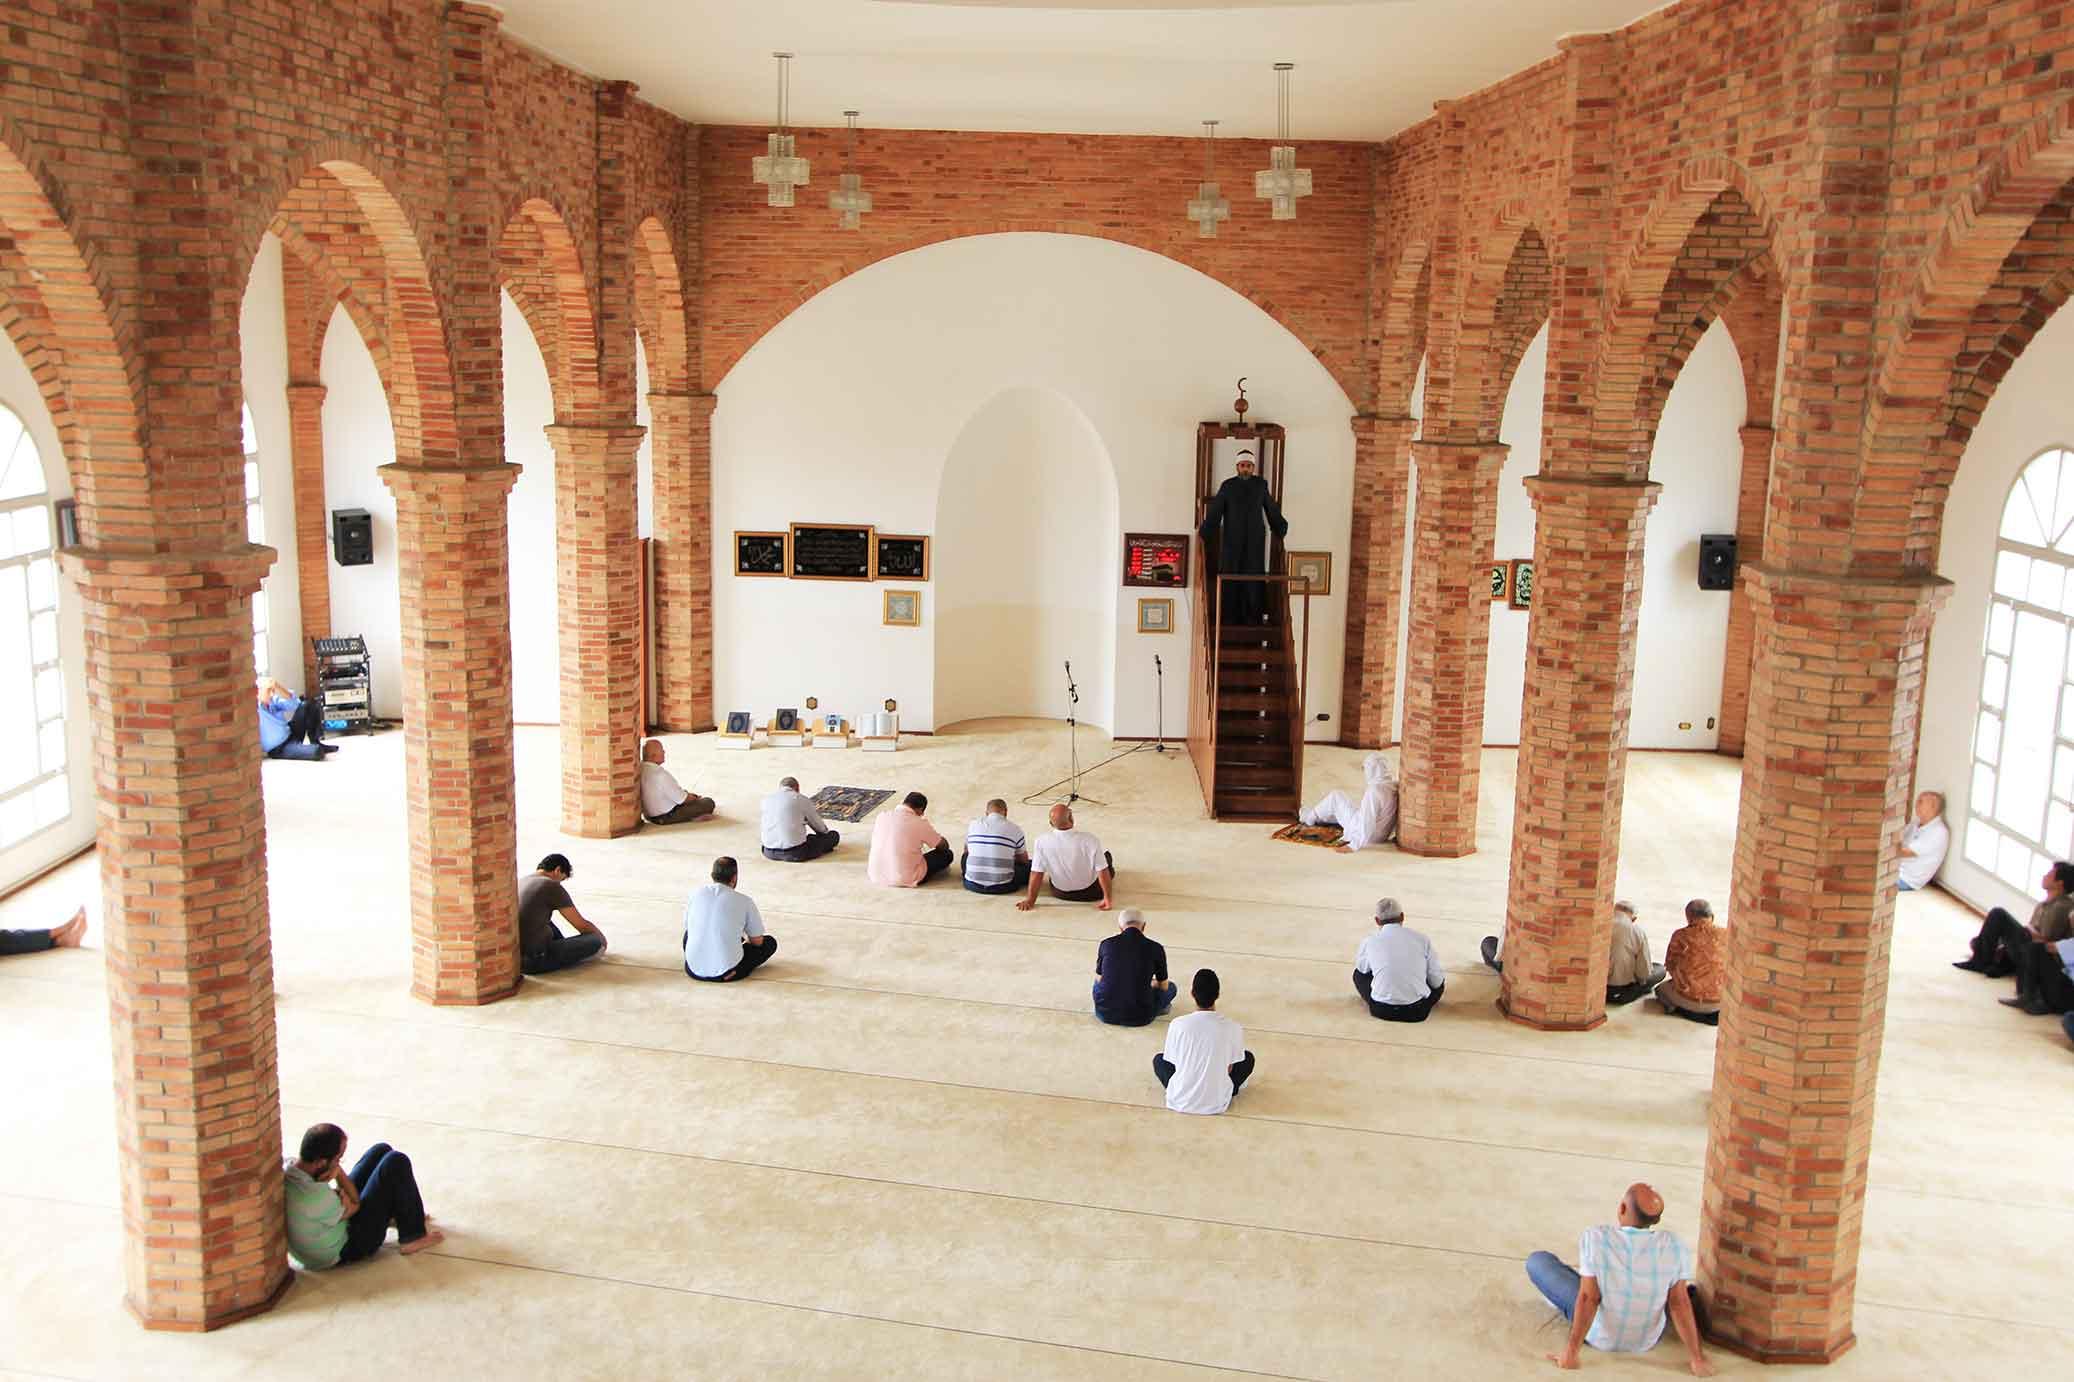 santos-turismo-religioso-mesquita-islamica-de-santos-bx